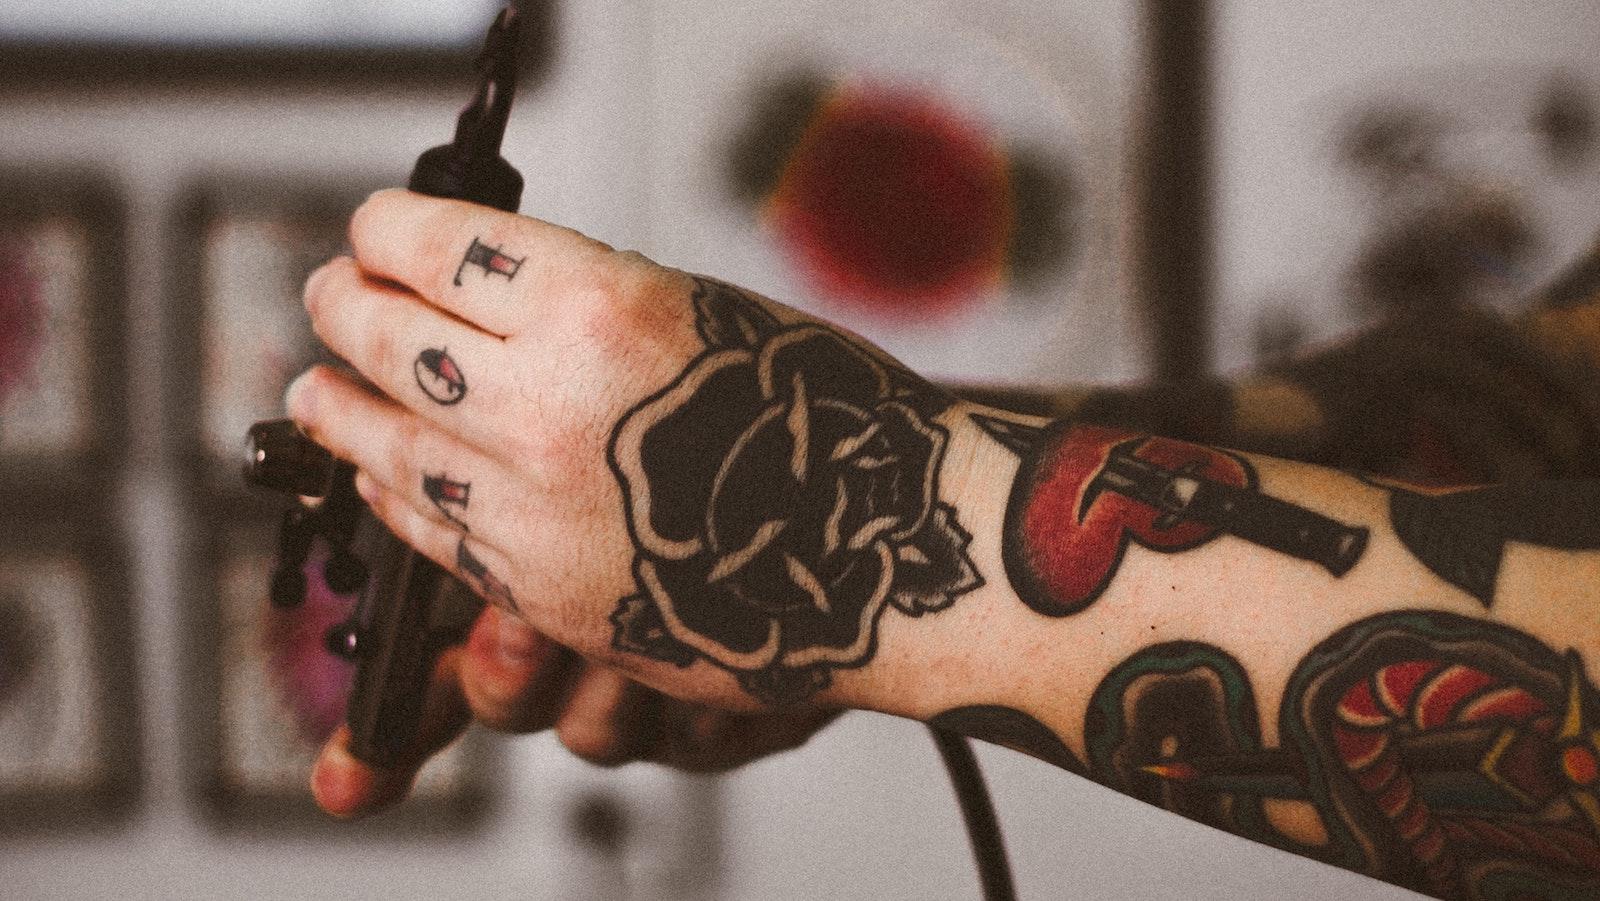 Tatuajes icónicos que no sabías que tenían un significado